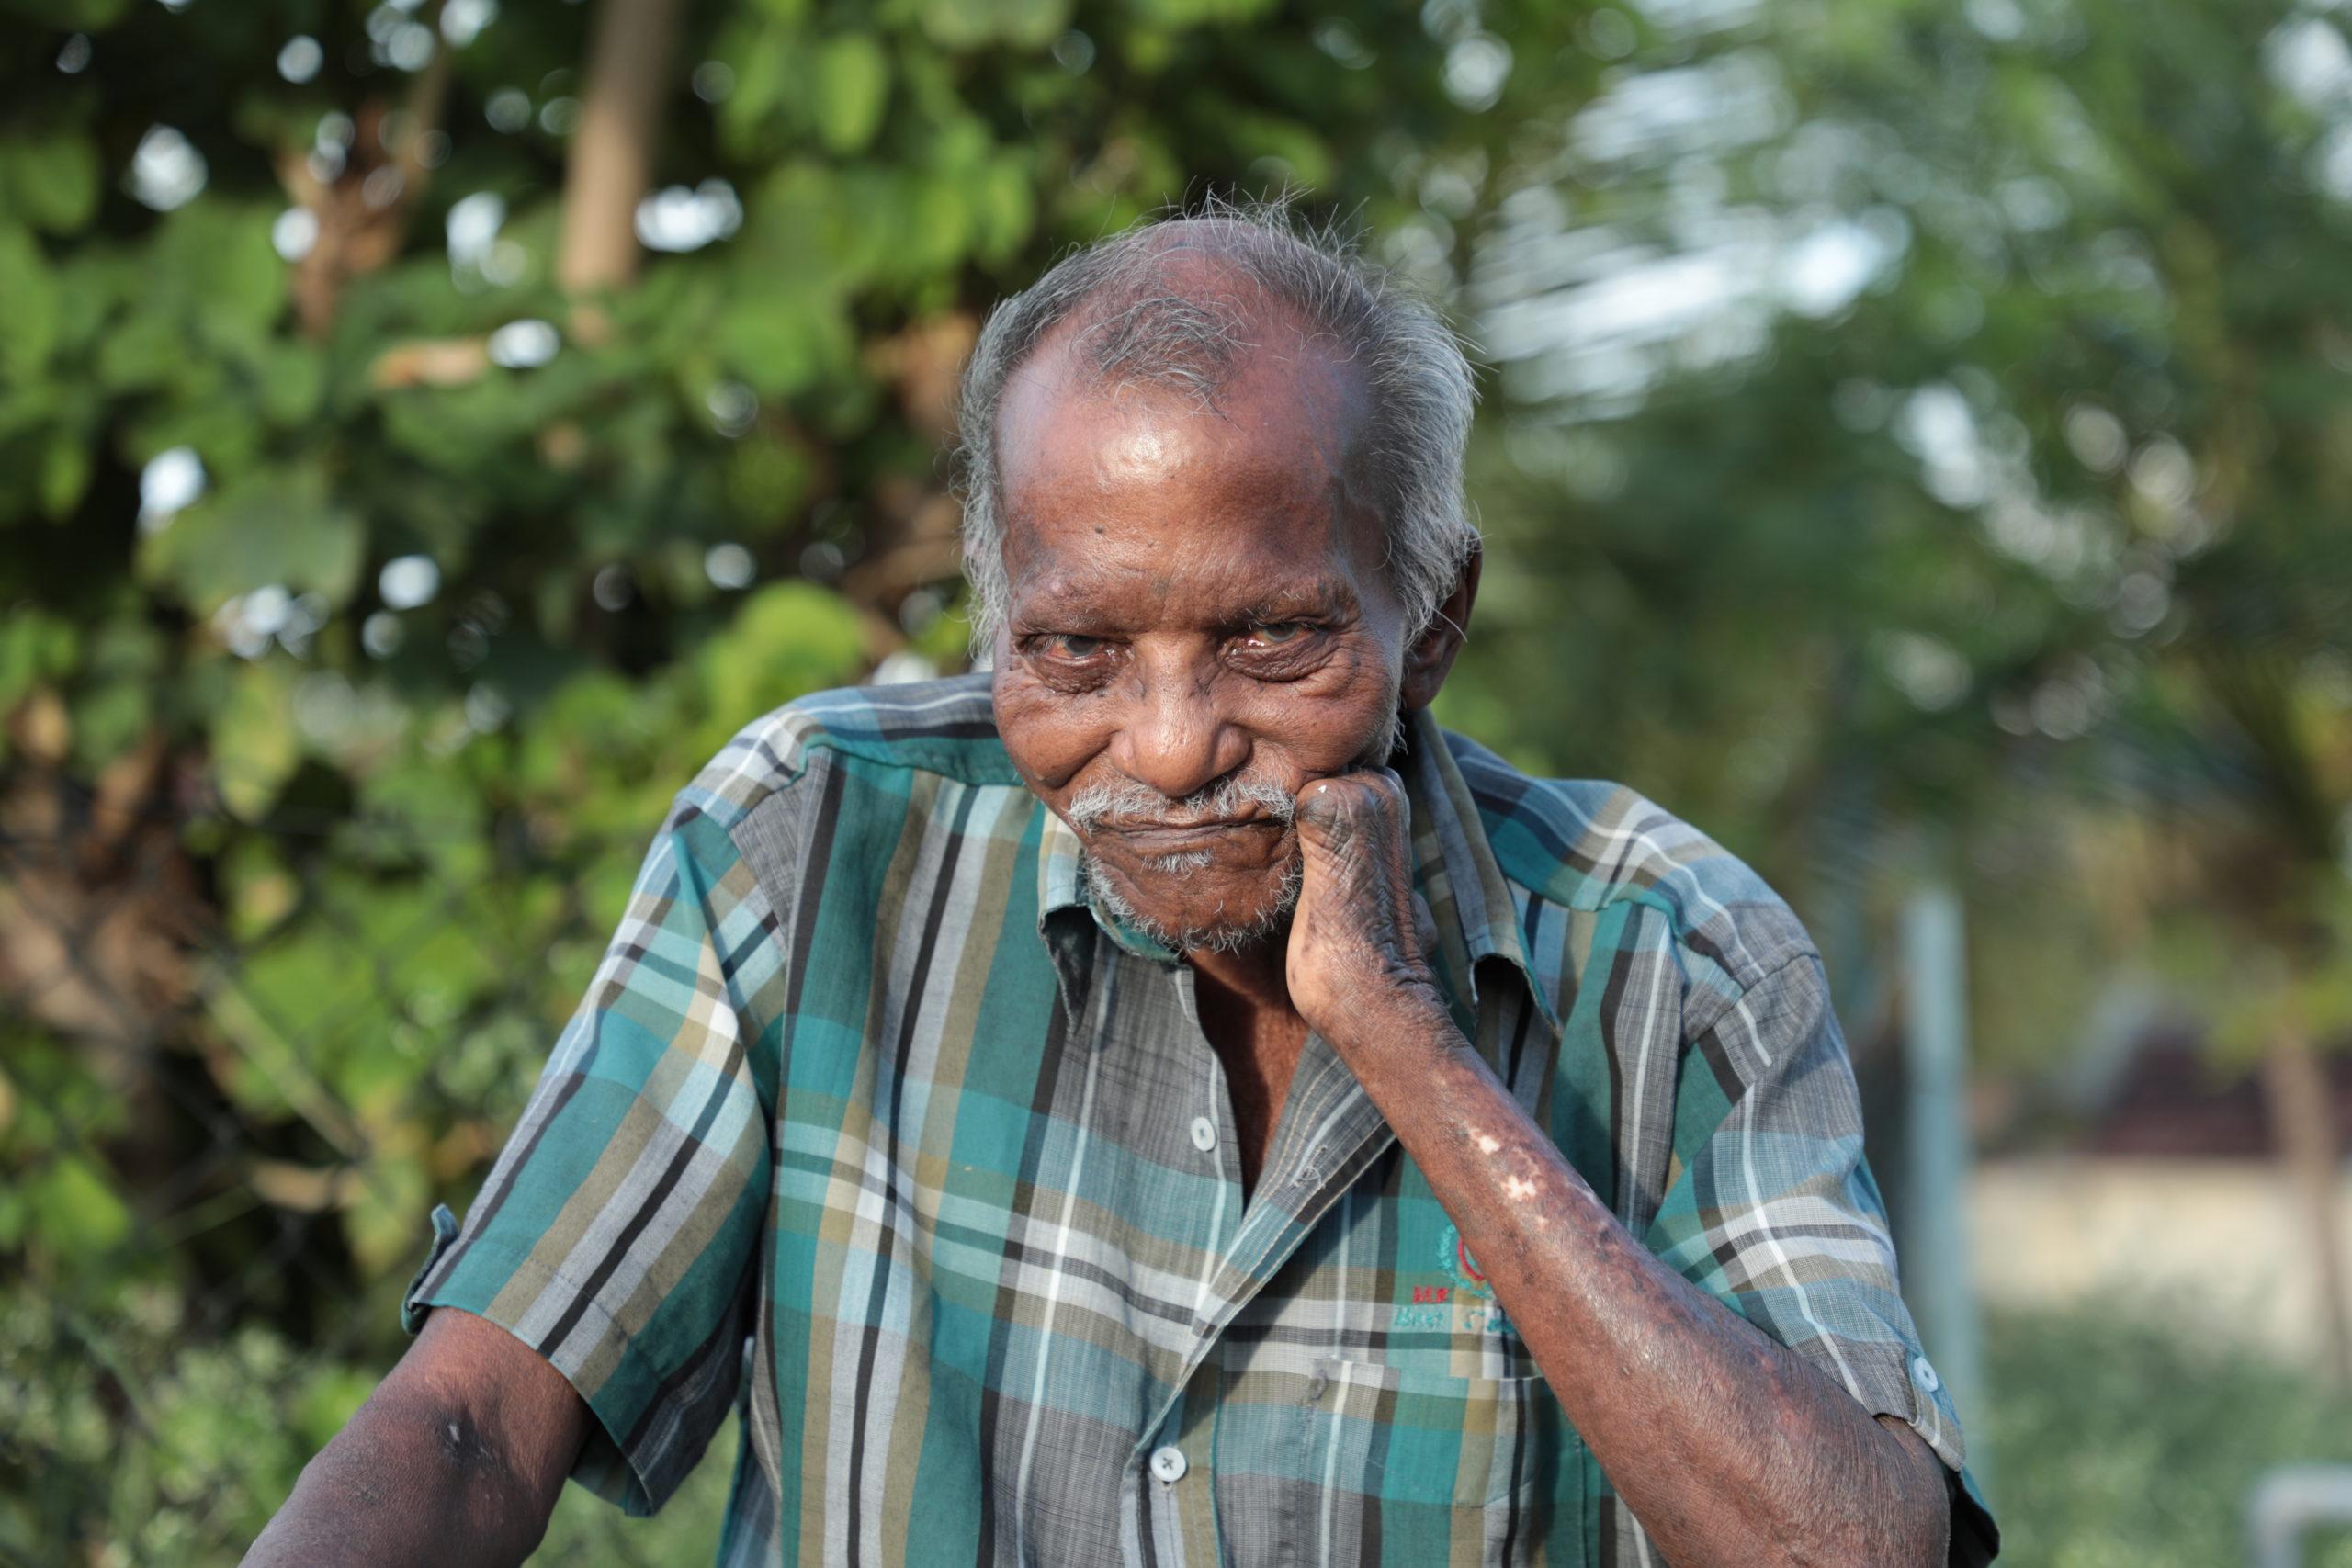 Powerful Spirit-filled Testimony from Jagan Nathan